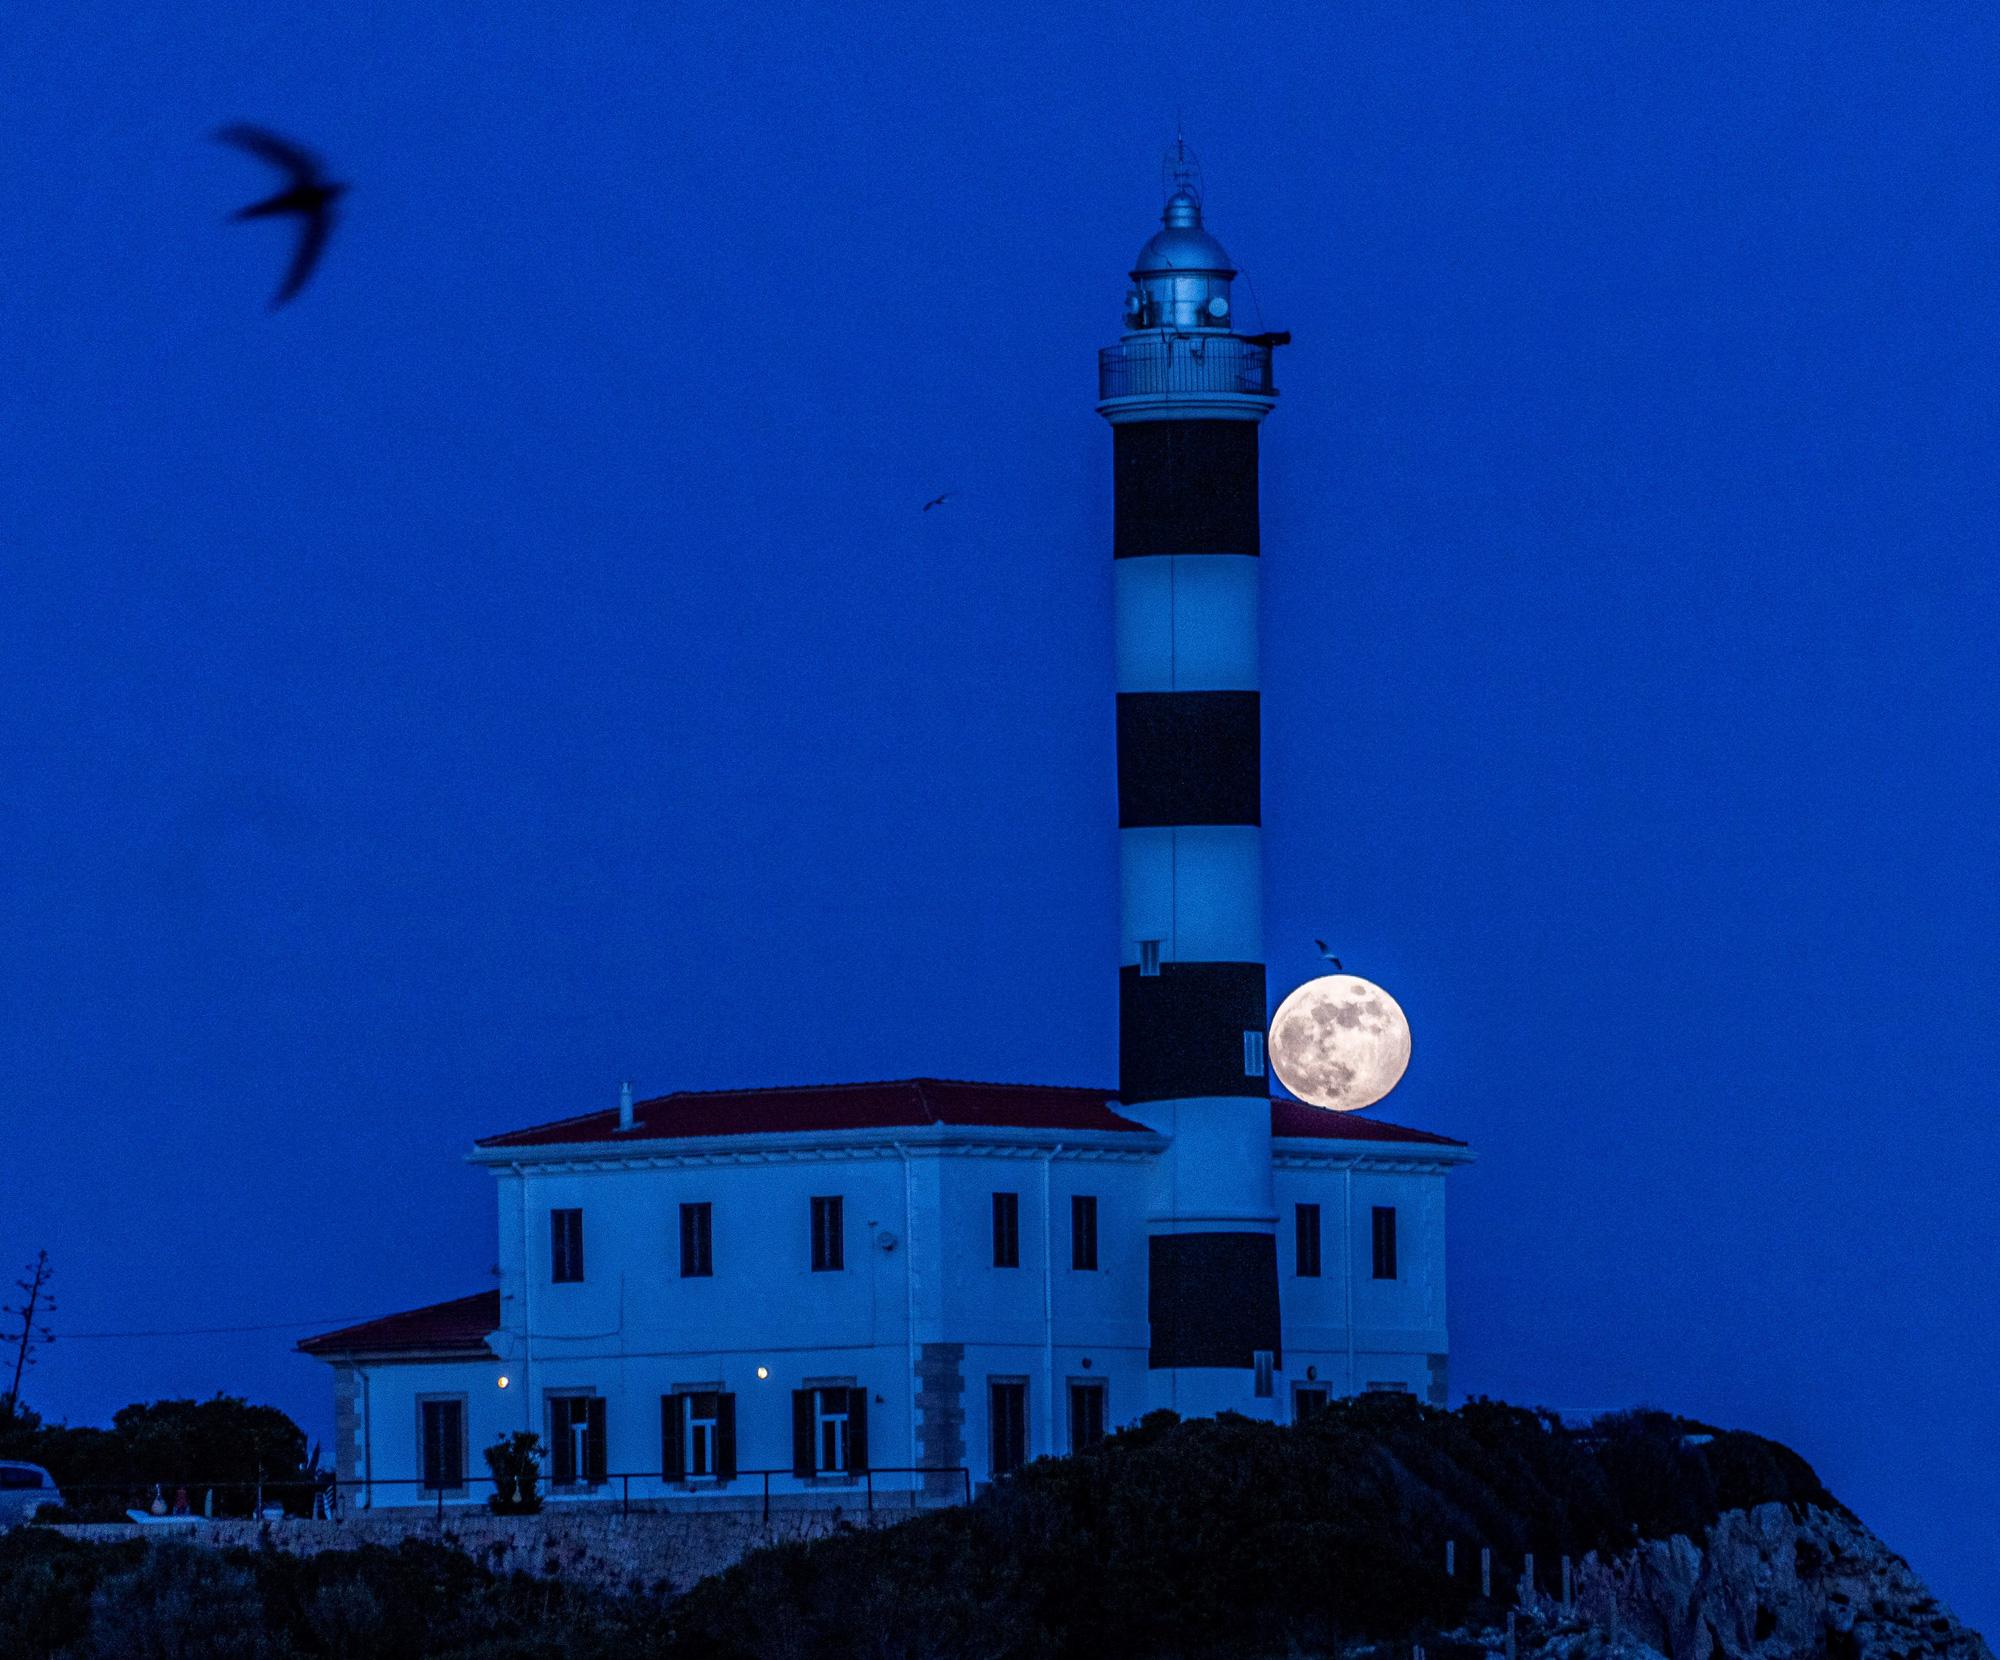 Ngất ngây với một loạt khoảnh khắc về hiện tượng mặt trăng dâu tây hiếm có diễn ra vào đêm qua, rạng sáng nay - Ảnh 3.